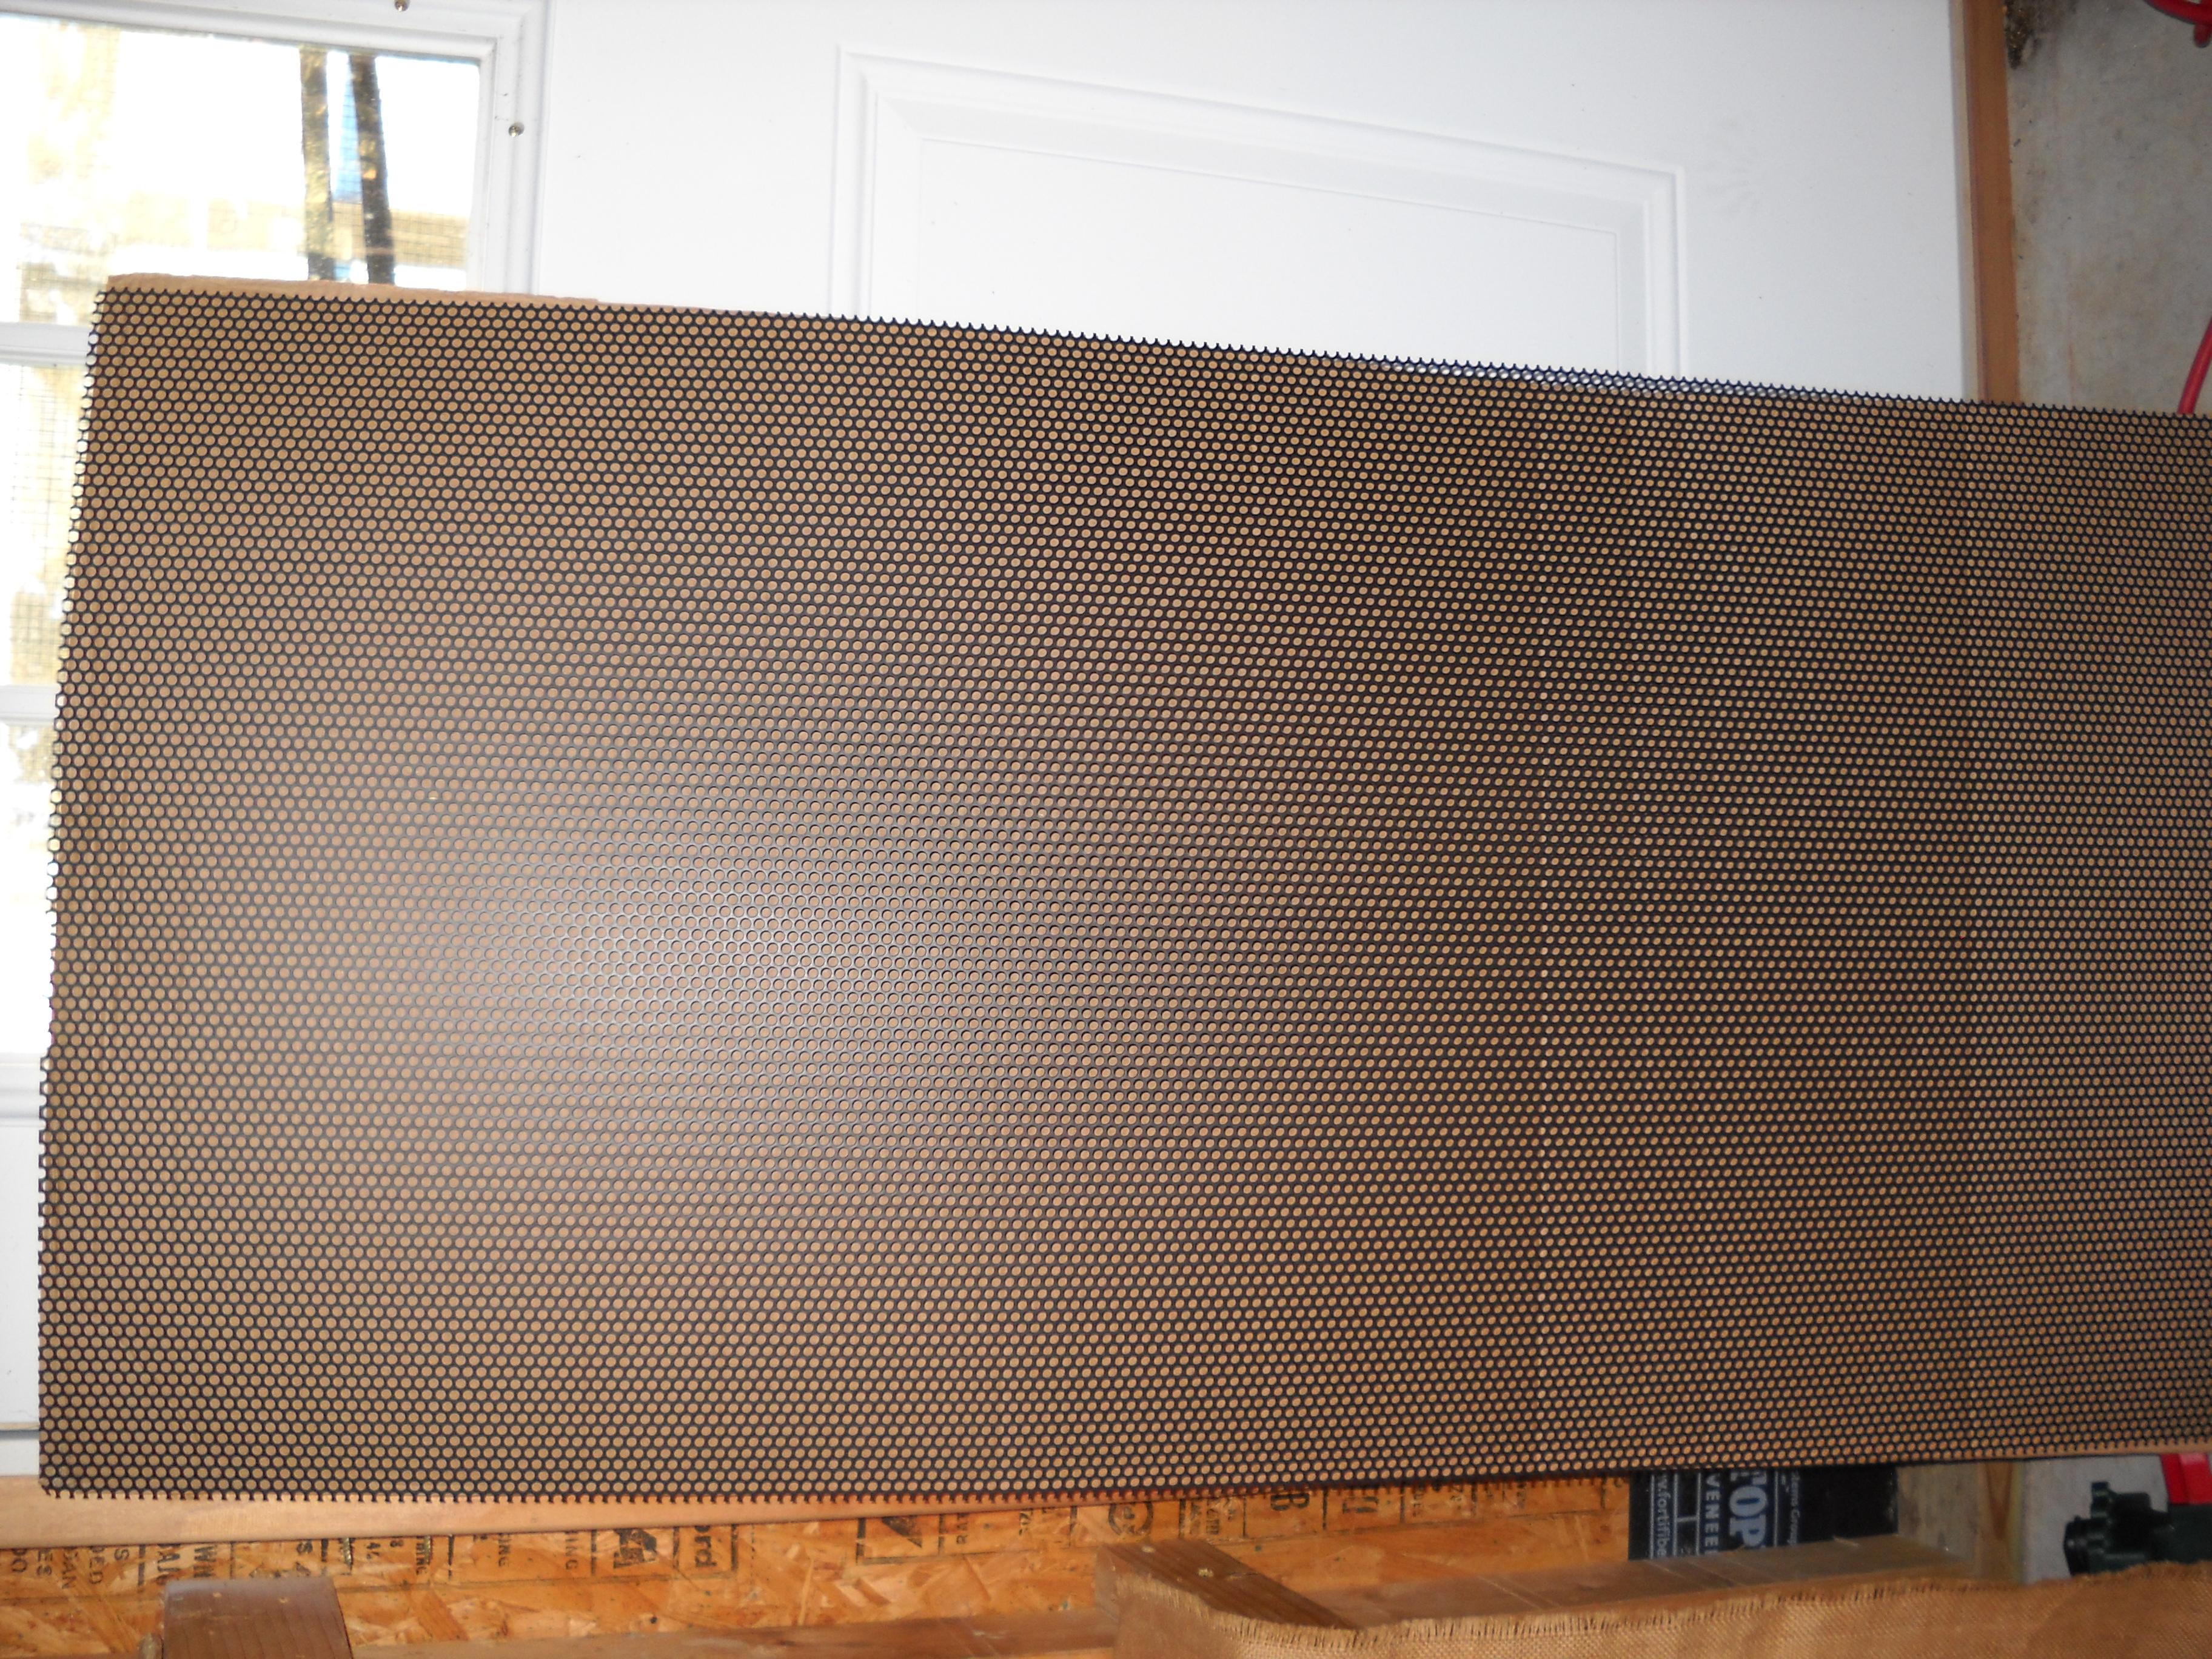 SpeakerScreen